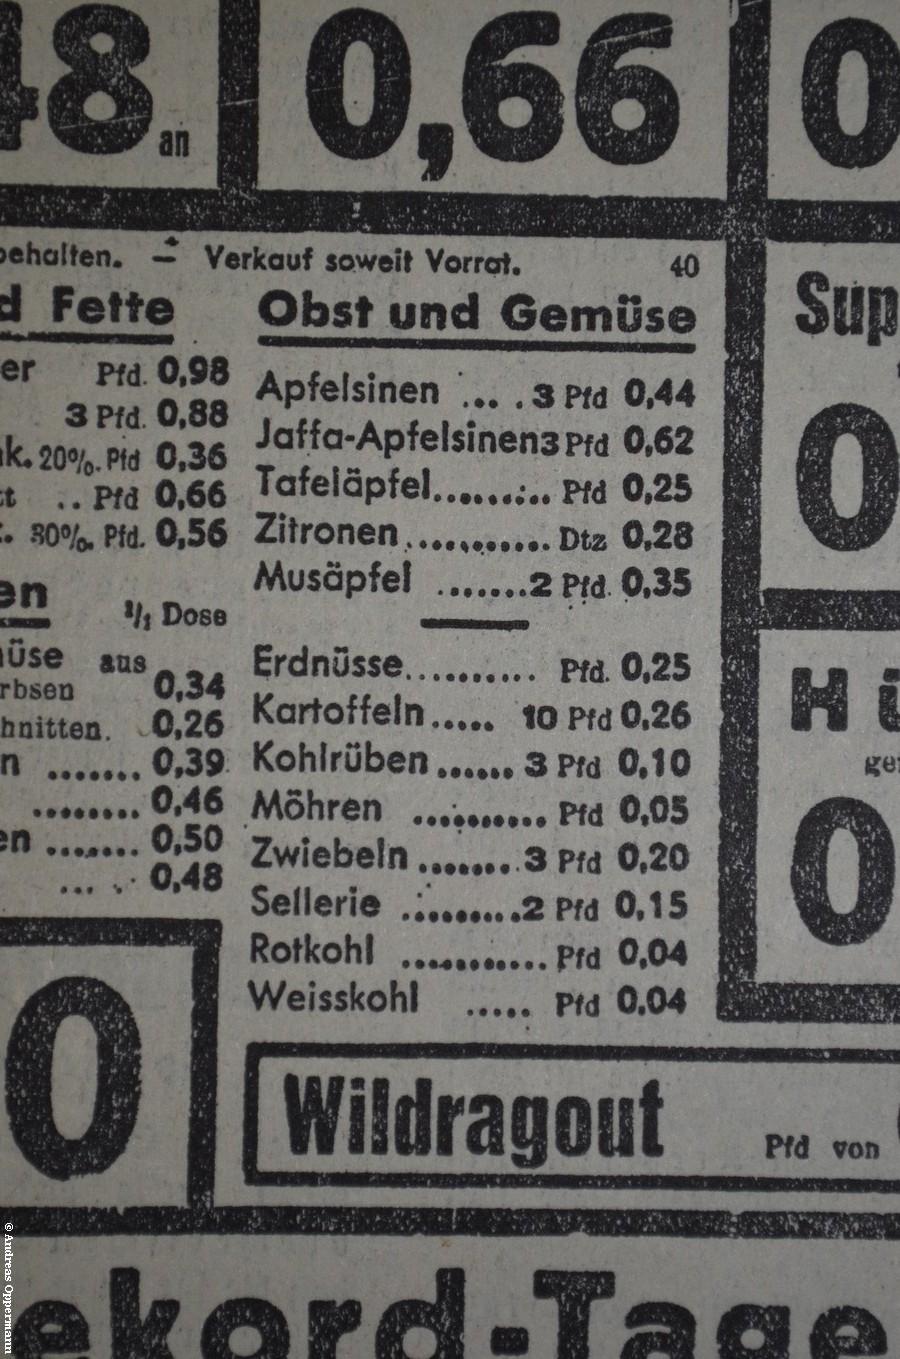 Anzeige aus dem Vorwärts vom 28. Februar 1933 (Ausschnitt)